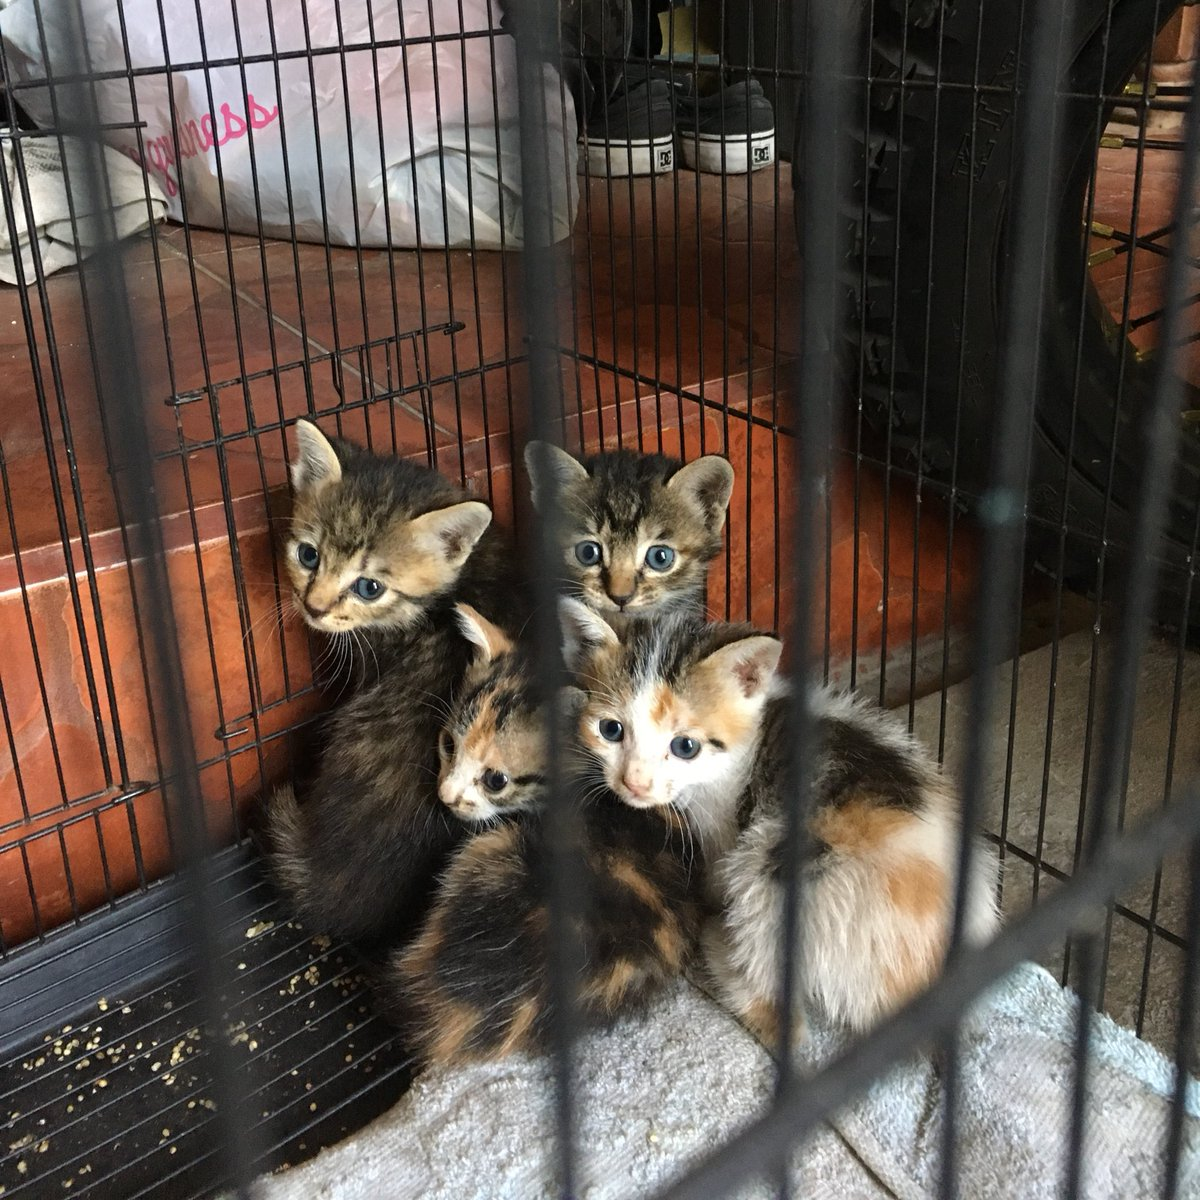 Cucul On Twitter Kalau Kucing Kalian Ada Tanda Huruf M Di Dahi Bisa Disebut Tabby Semua Kucing Tabby Pasti Begitu